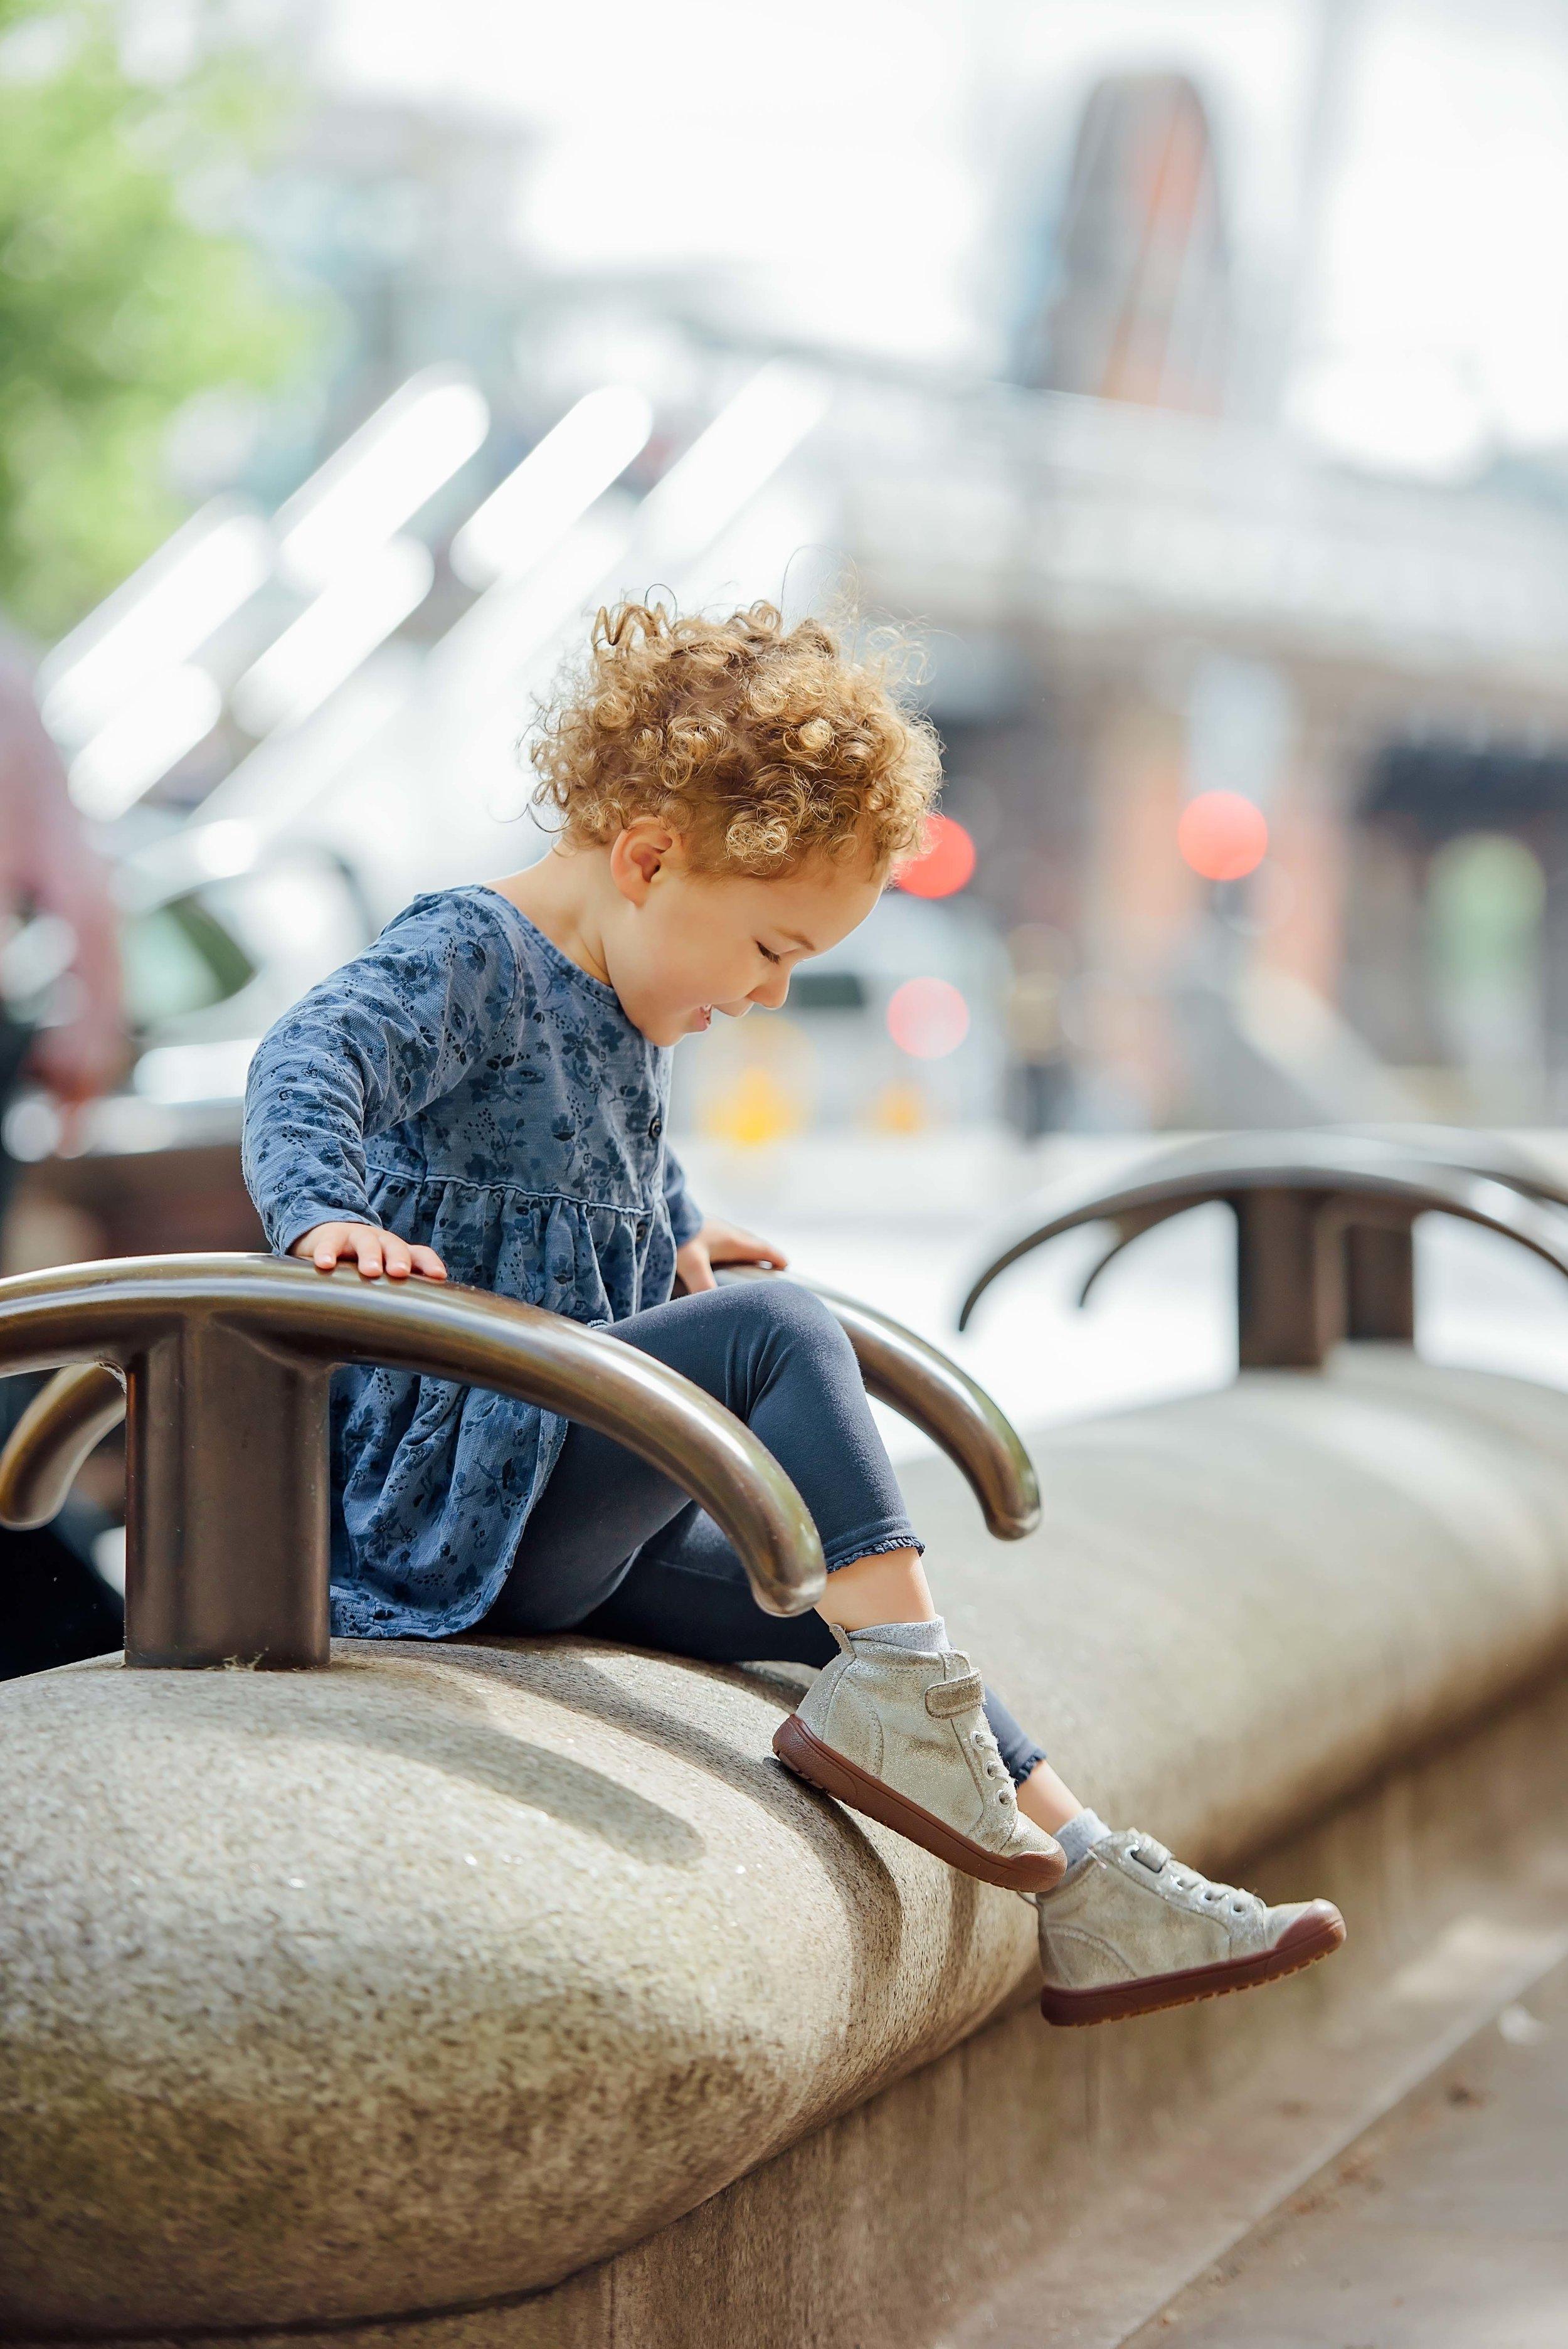 children's urban photography